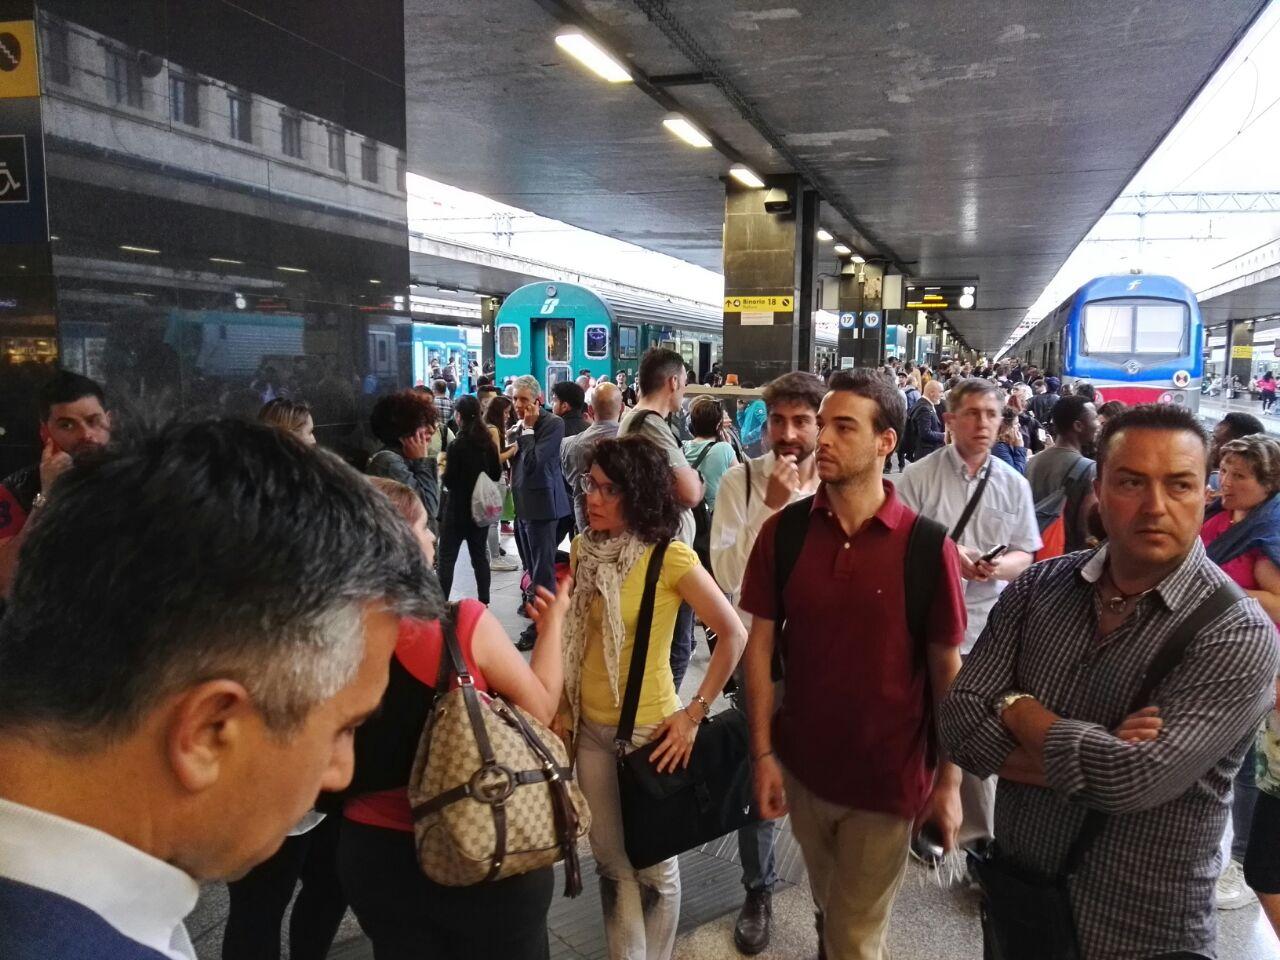 TERMINI Stazione in tilt, tabelloni spenti, treni bloccati